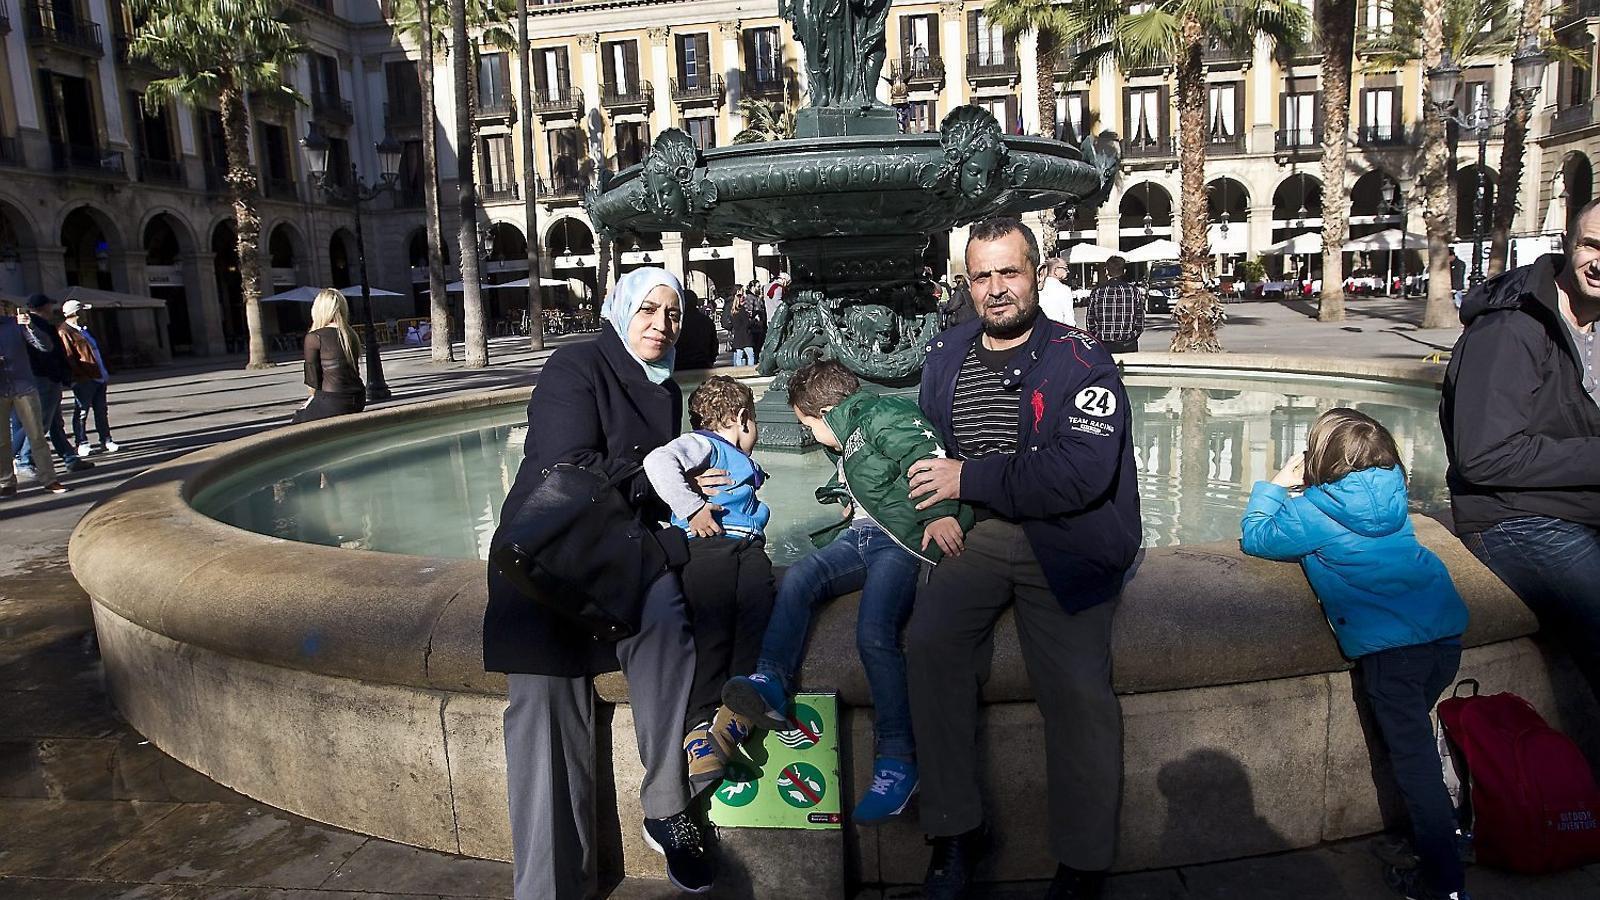 El Mohamed i l'Aixa amb els seus fills de 4 i 6 anys a la plaça Reial de Barcelona. XAVIER BERTRAL